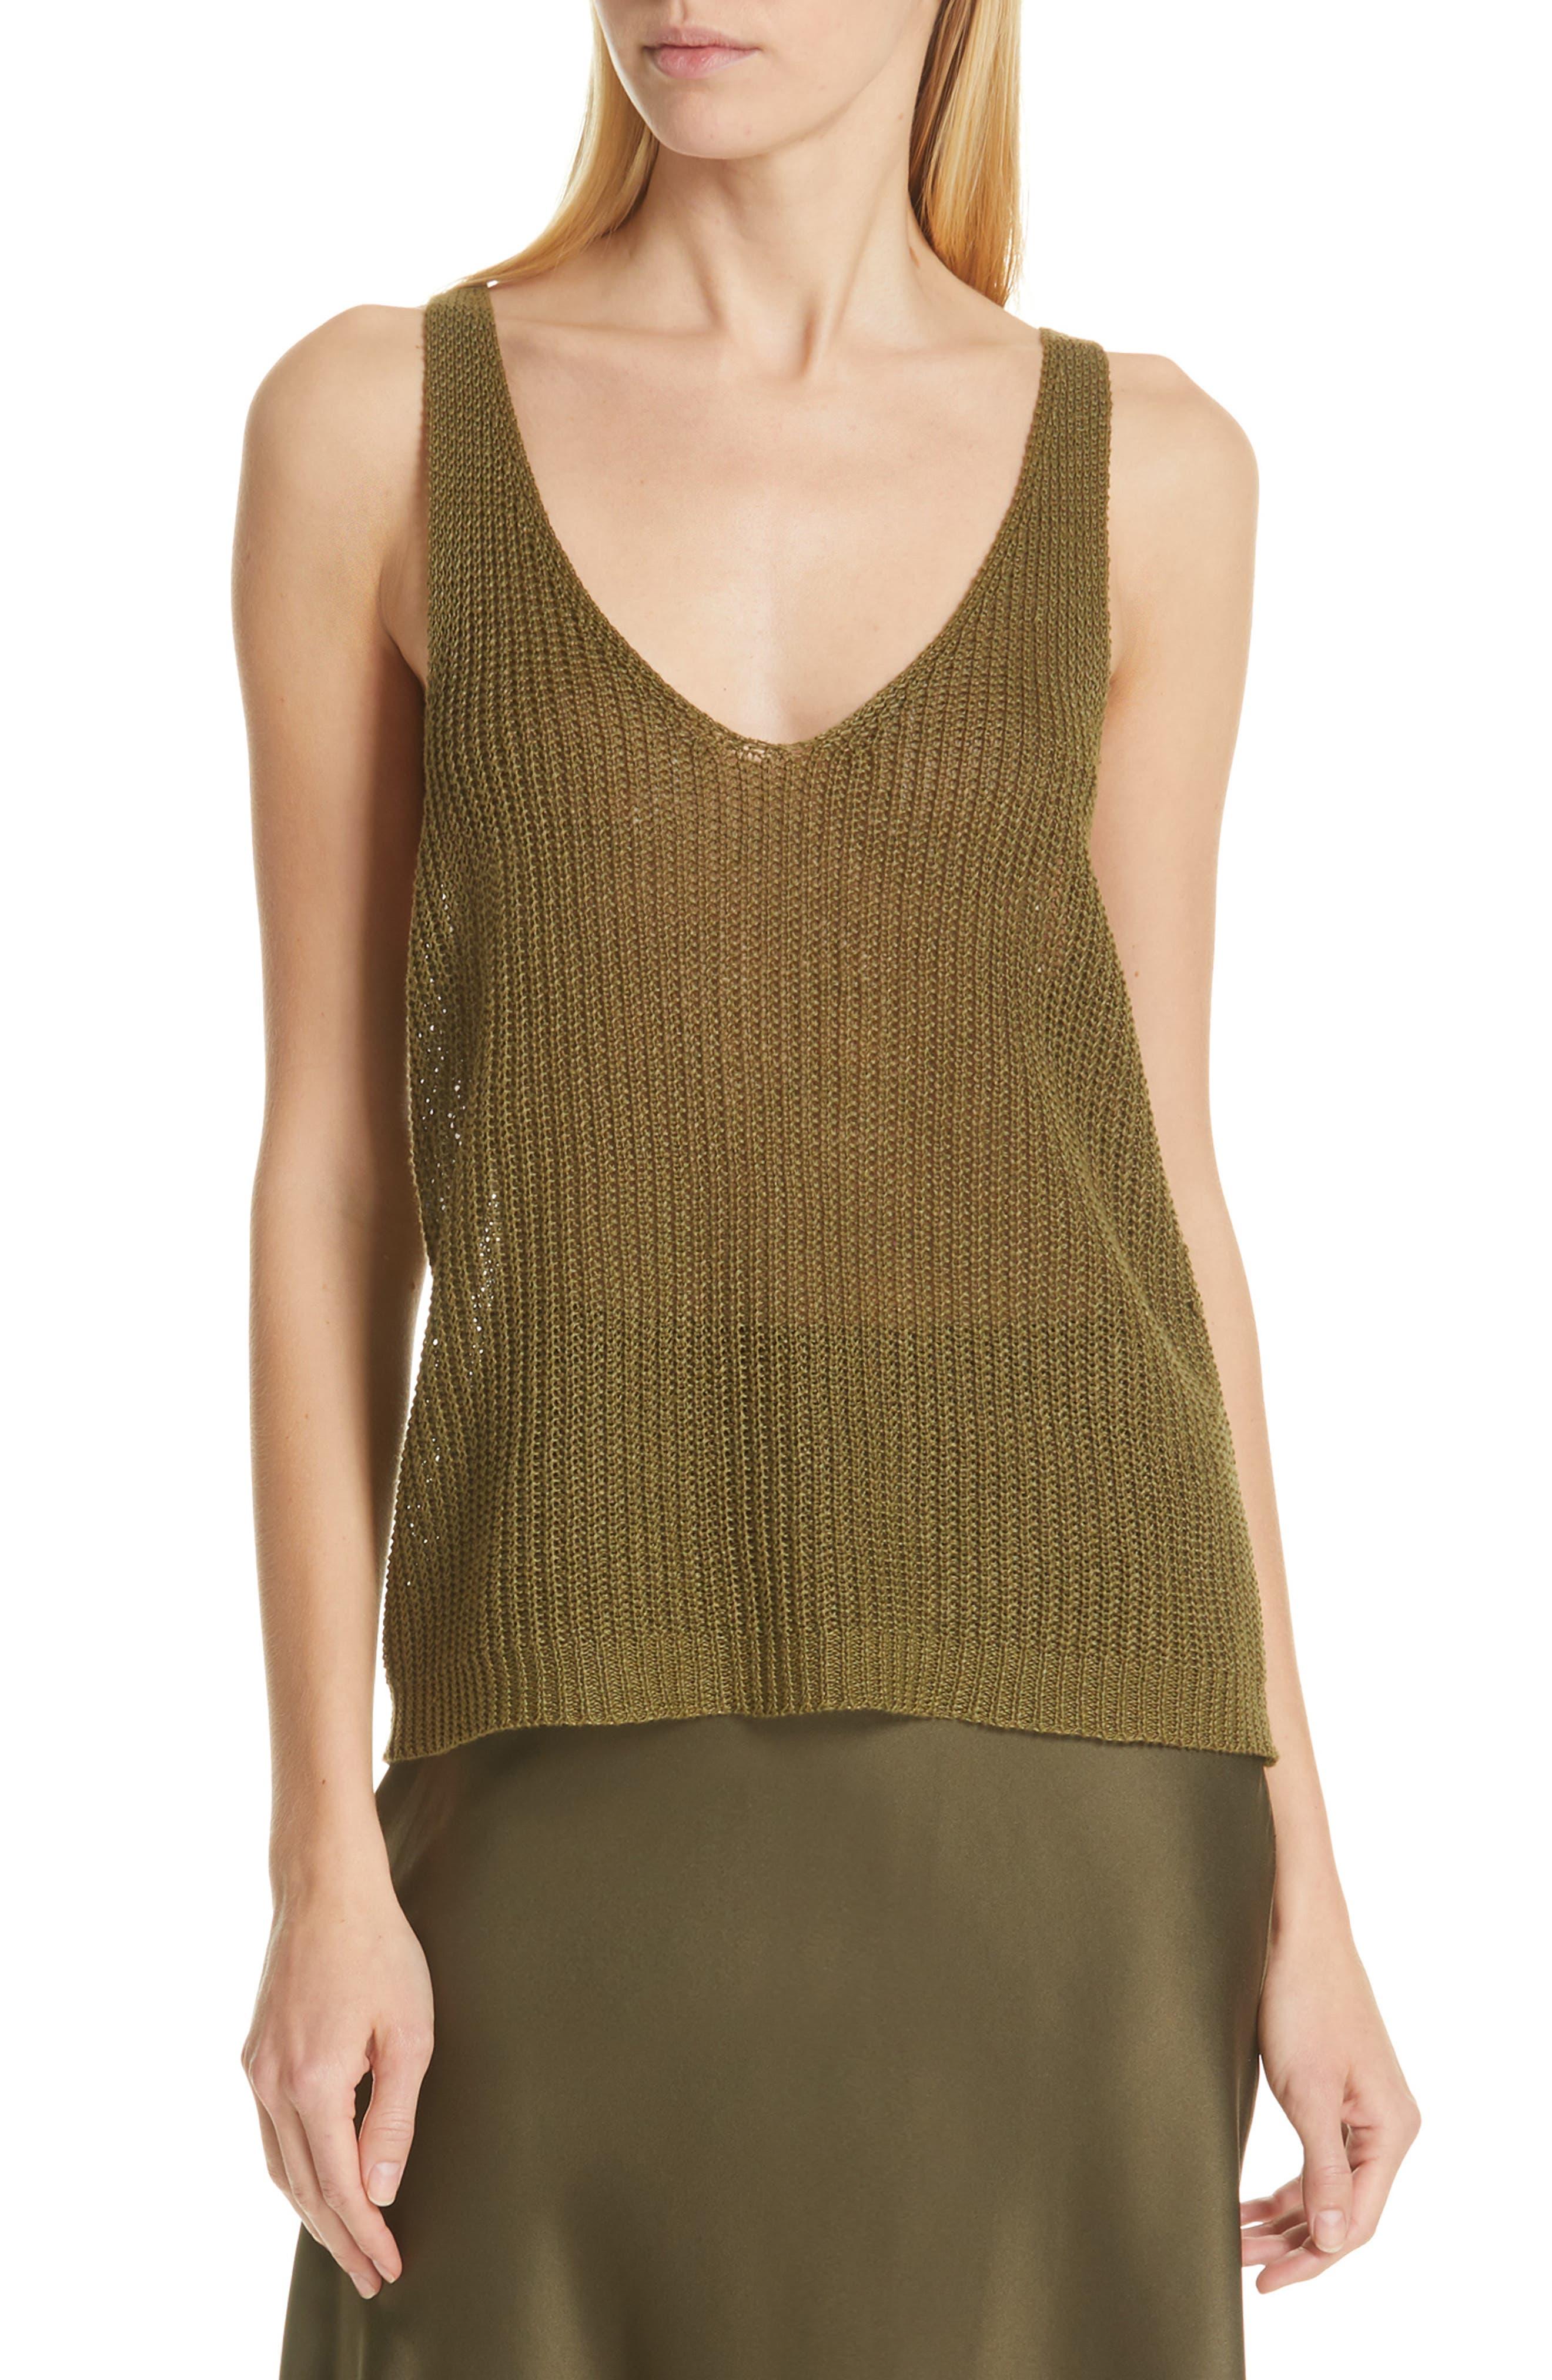 NILI LOTAN, Nala Linen Sweater Tank, Main thumbnail 1, color, OLIVE